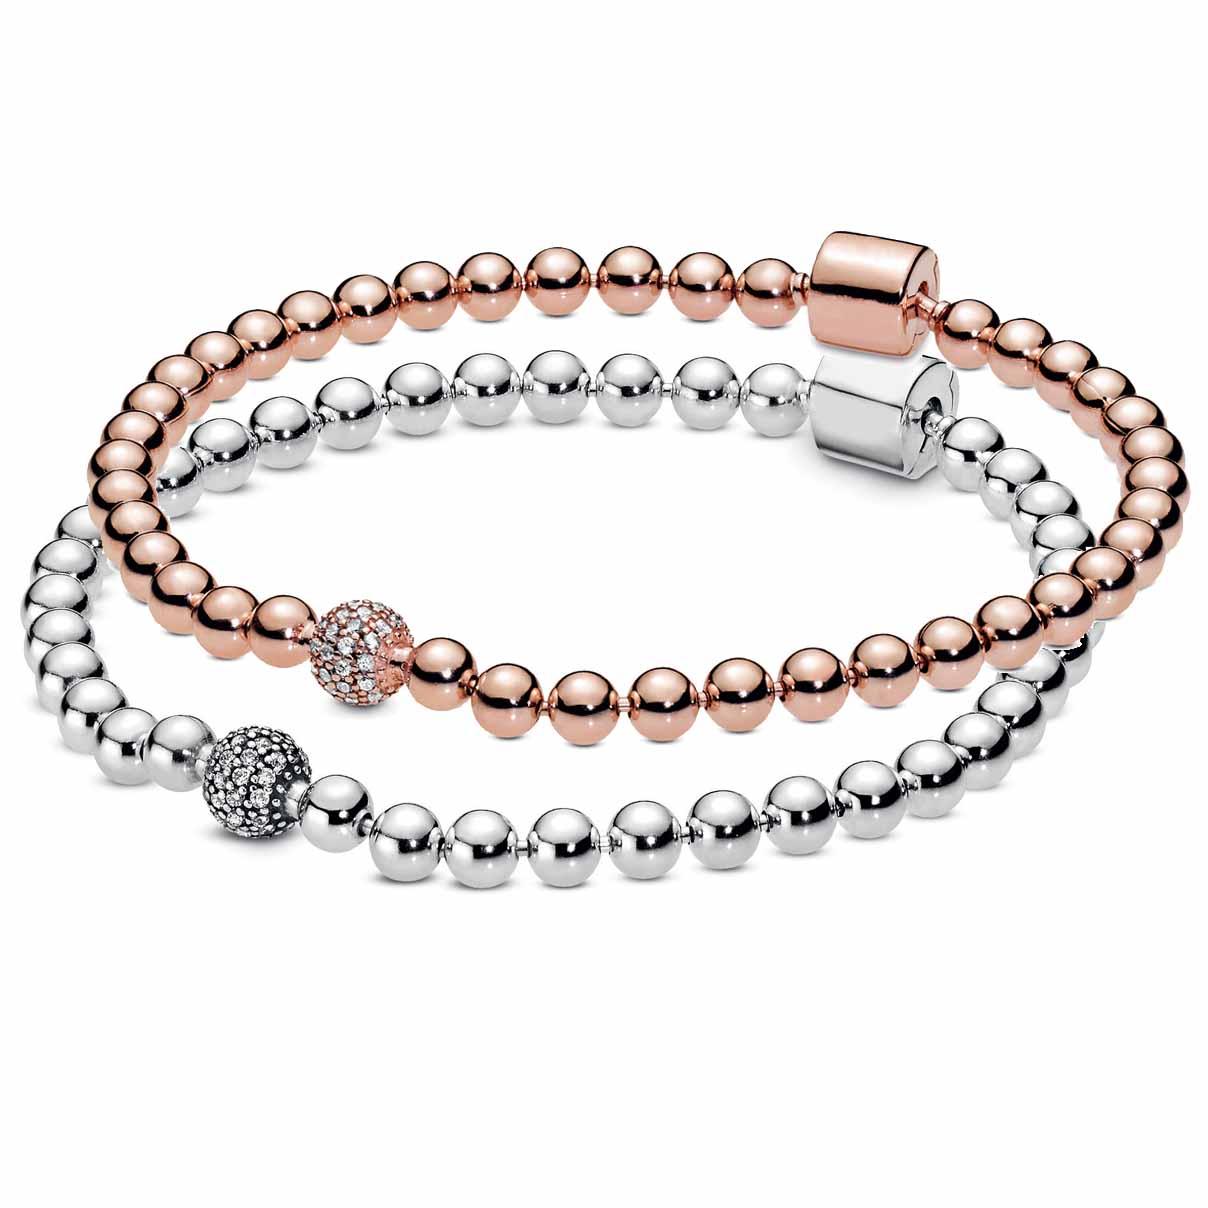 Cuentas de cristal original y pavé de ouro rosa, pulsera deslizante, ajuste, 925 prata, esterilla, pandora